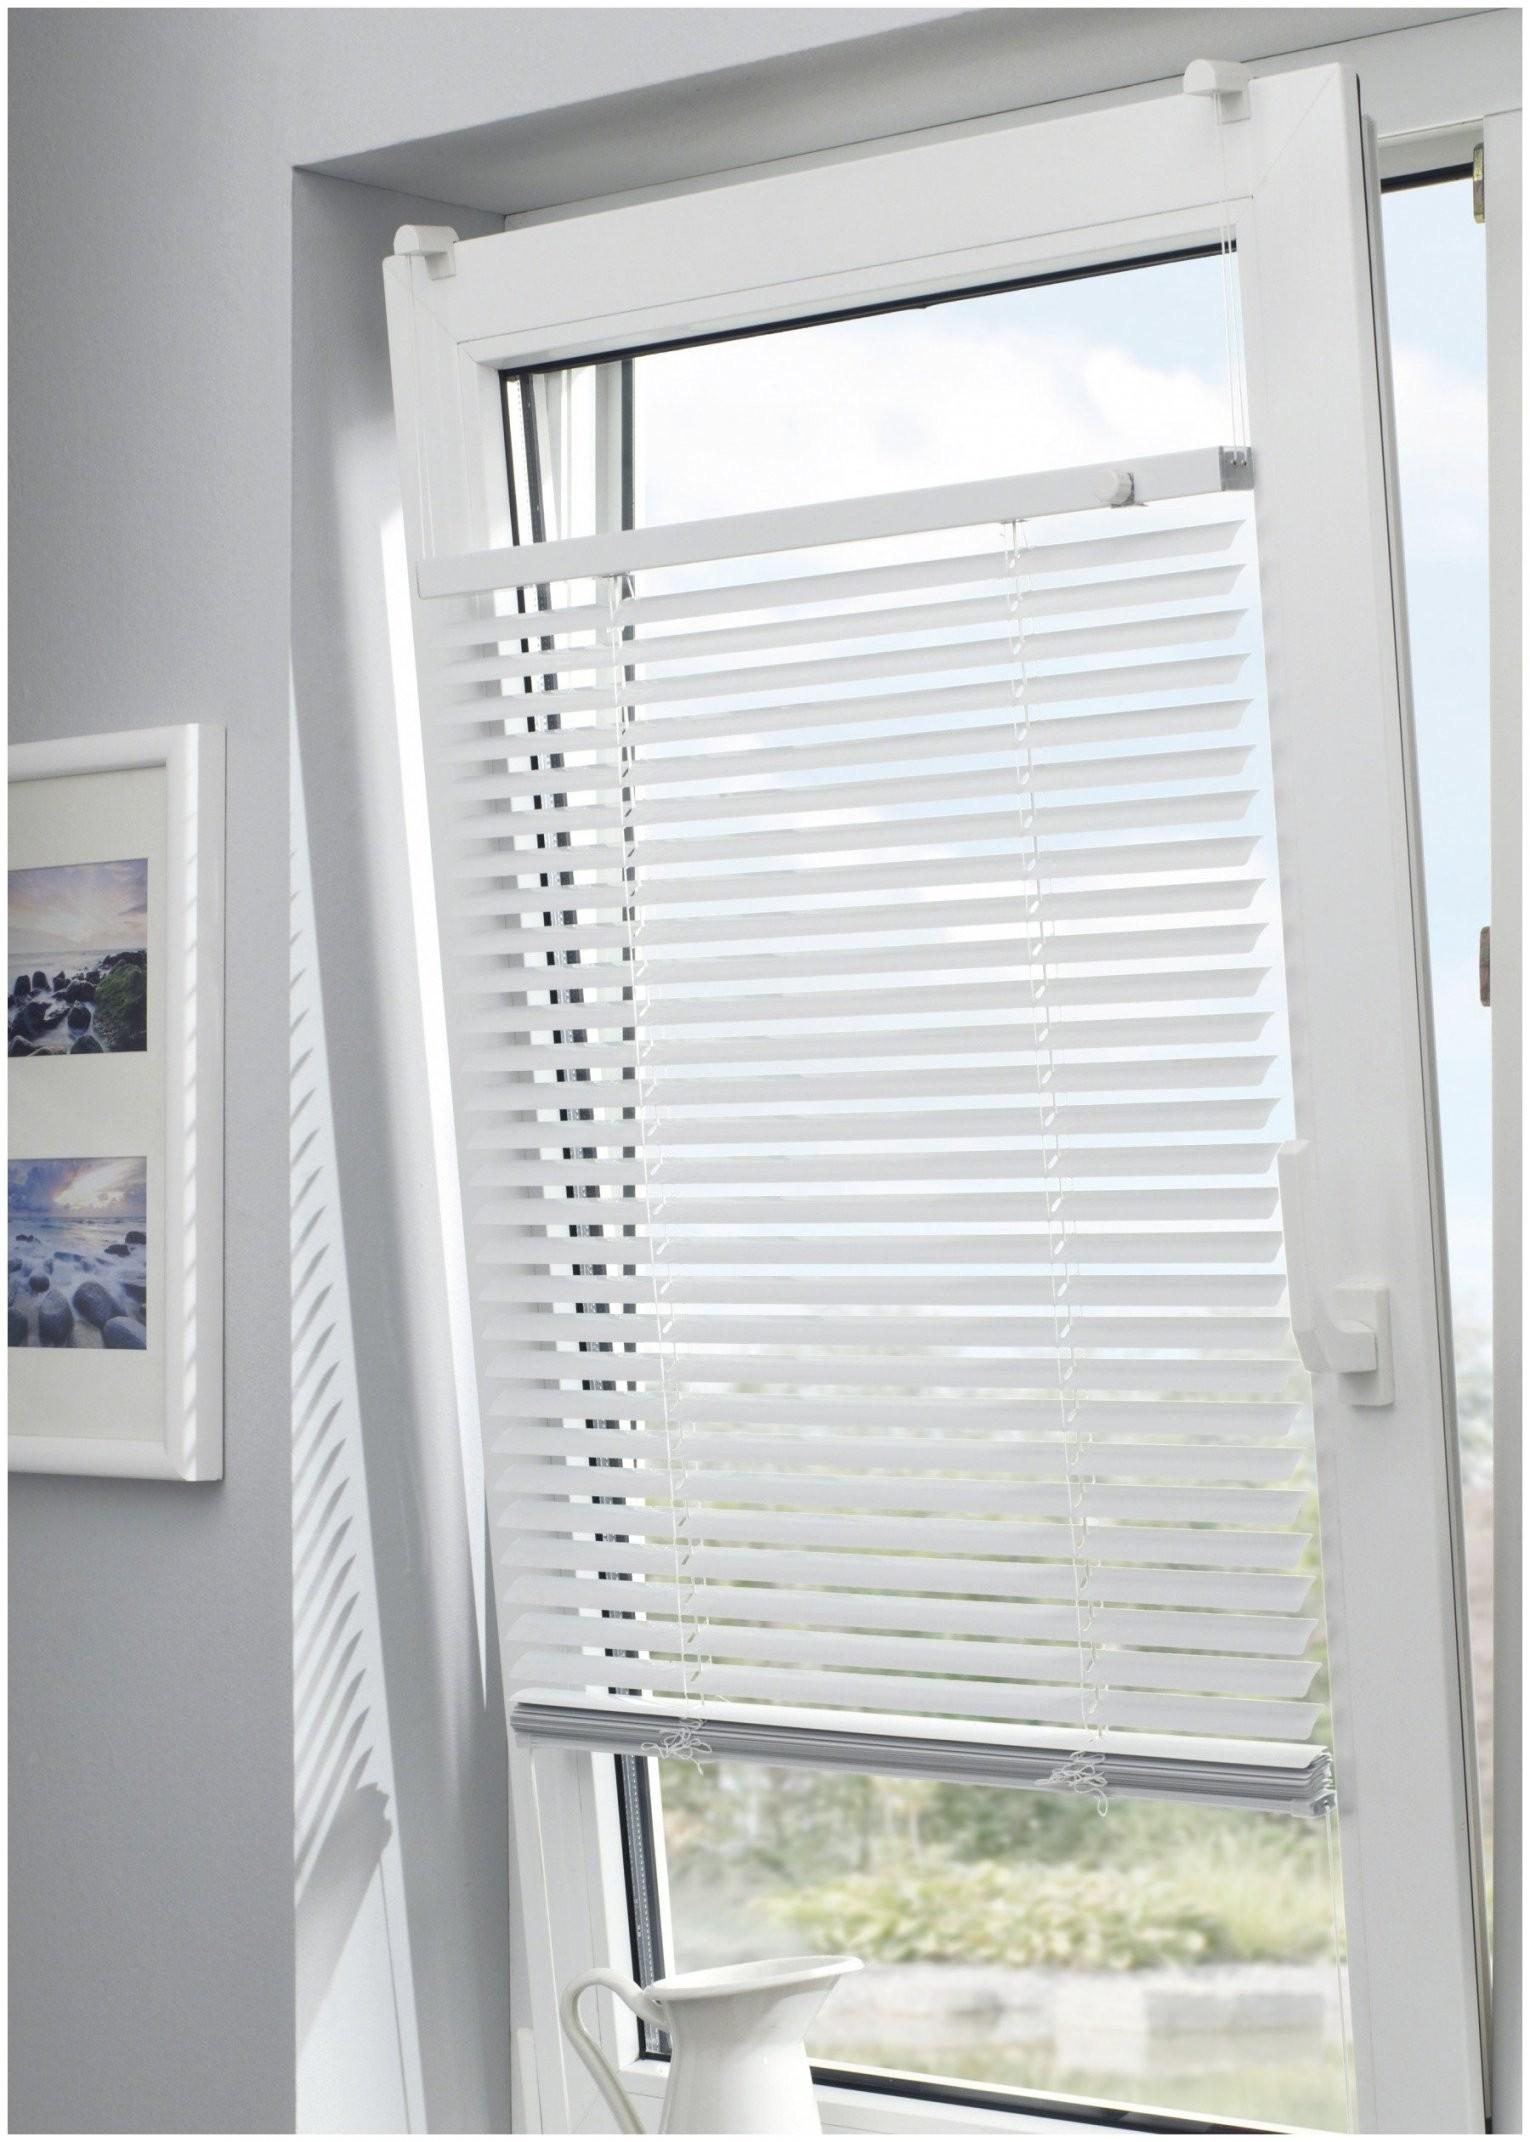 Nett Günstige Rollos Fenster Rollo Innen 251353 Für Plissee Günstig von Günstige Rollos Für Fenster Photo